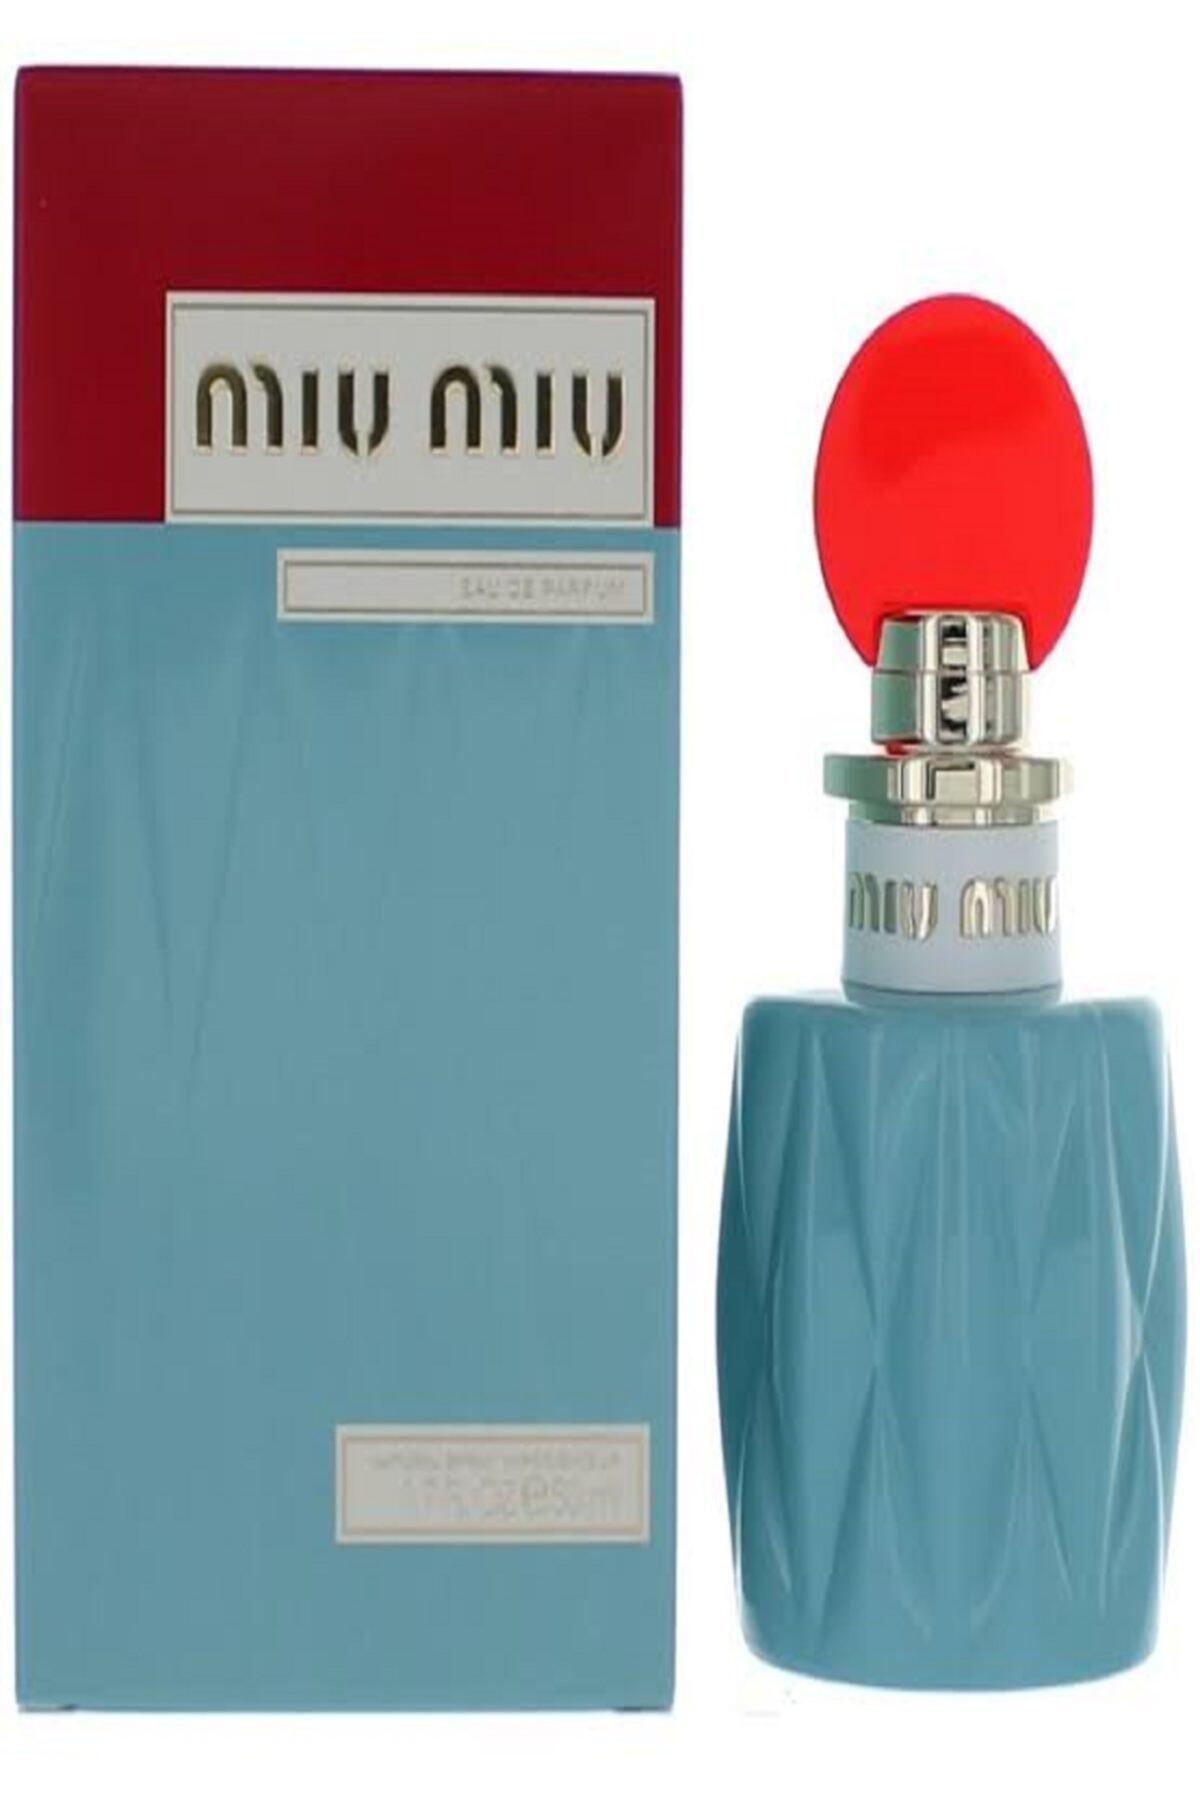 Miu Miu Edp 50 ml Kadın Parfüm 3614220322452 1